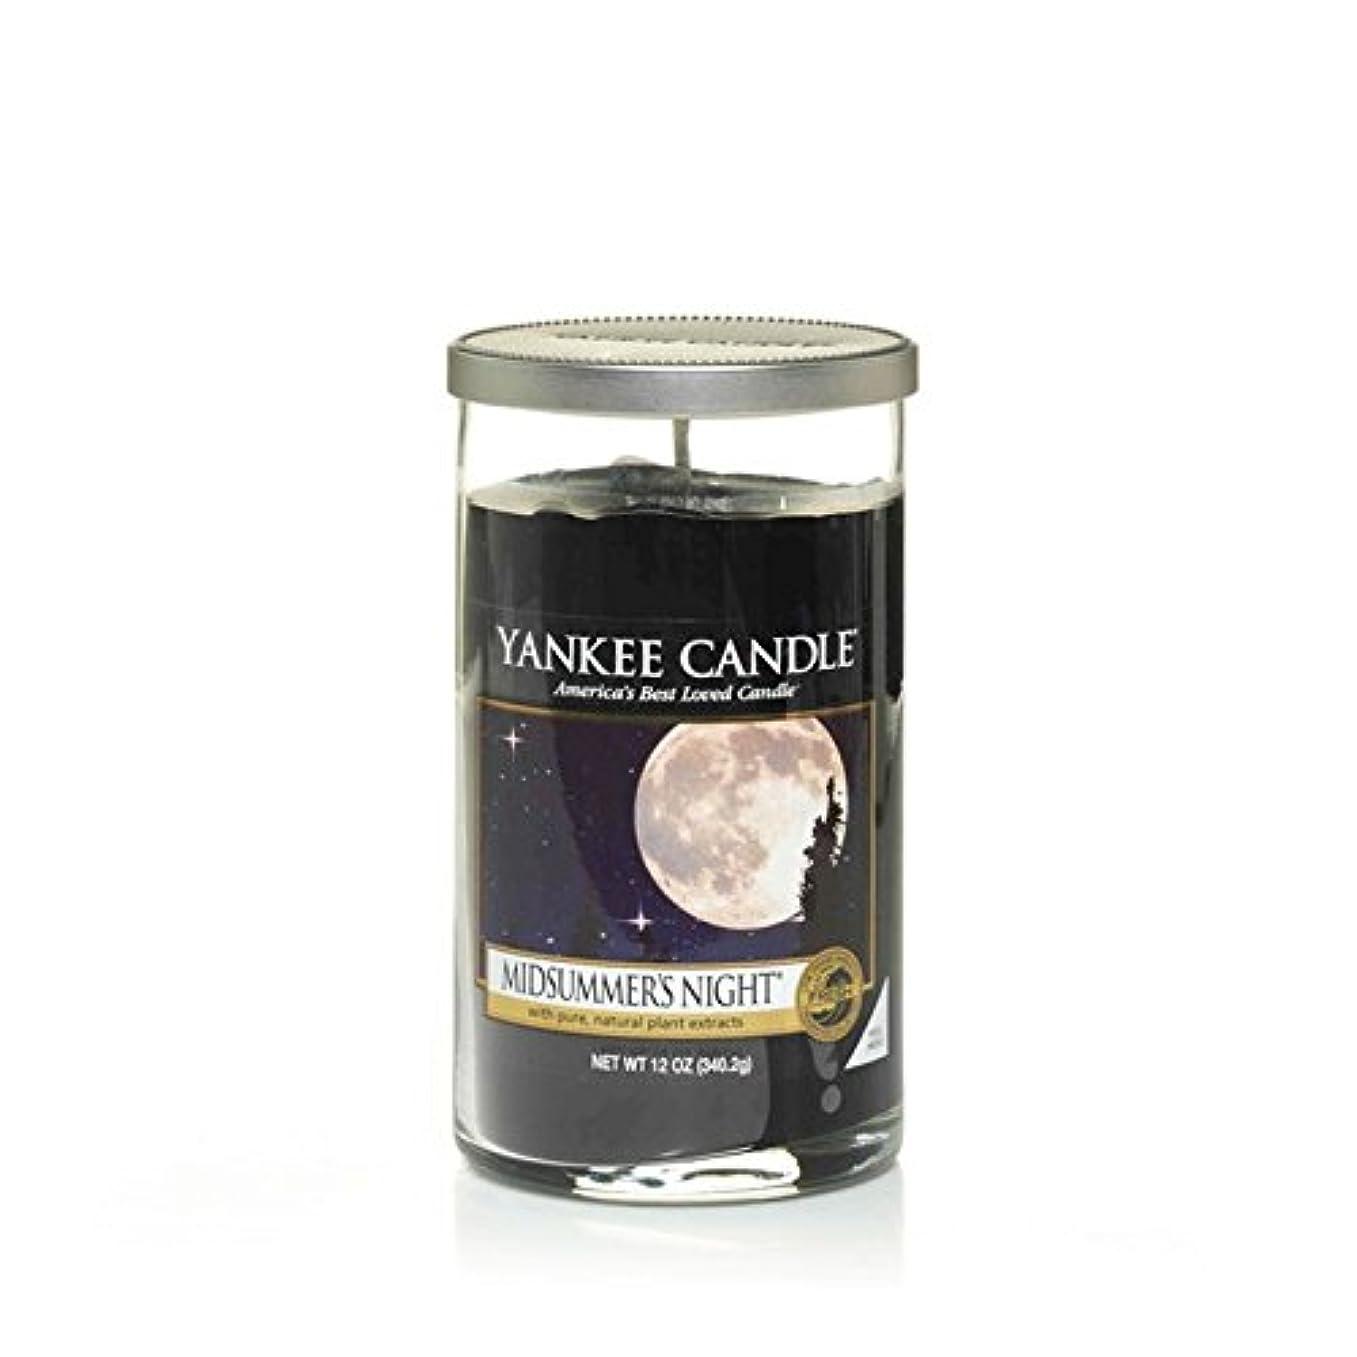 恵み哲学者遺伝的Yankee Candles Medium Pillar Candle - Midsummers Night (Pack of 2) - ヤンキーキャンドルメディアピラーキャンドル - Midsummersの夜 (x2)...